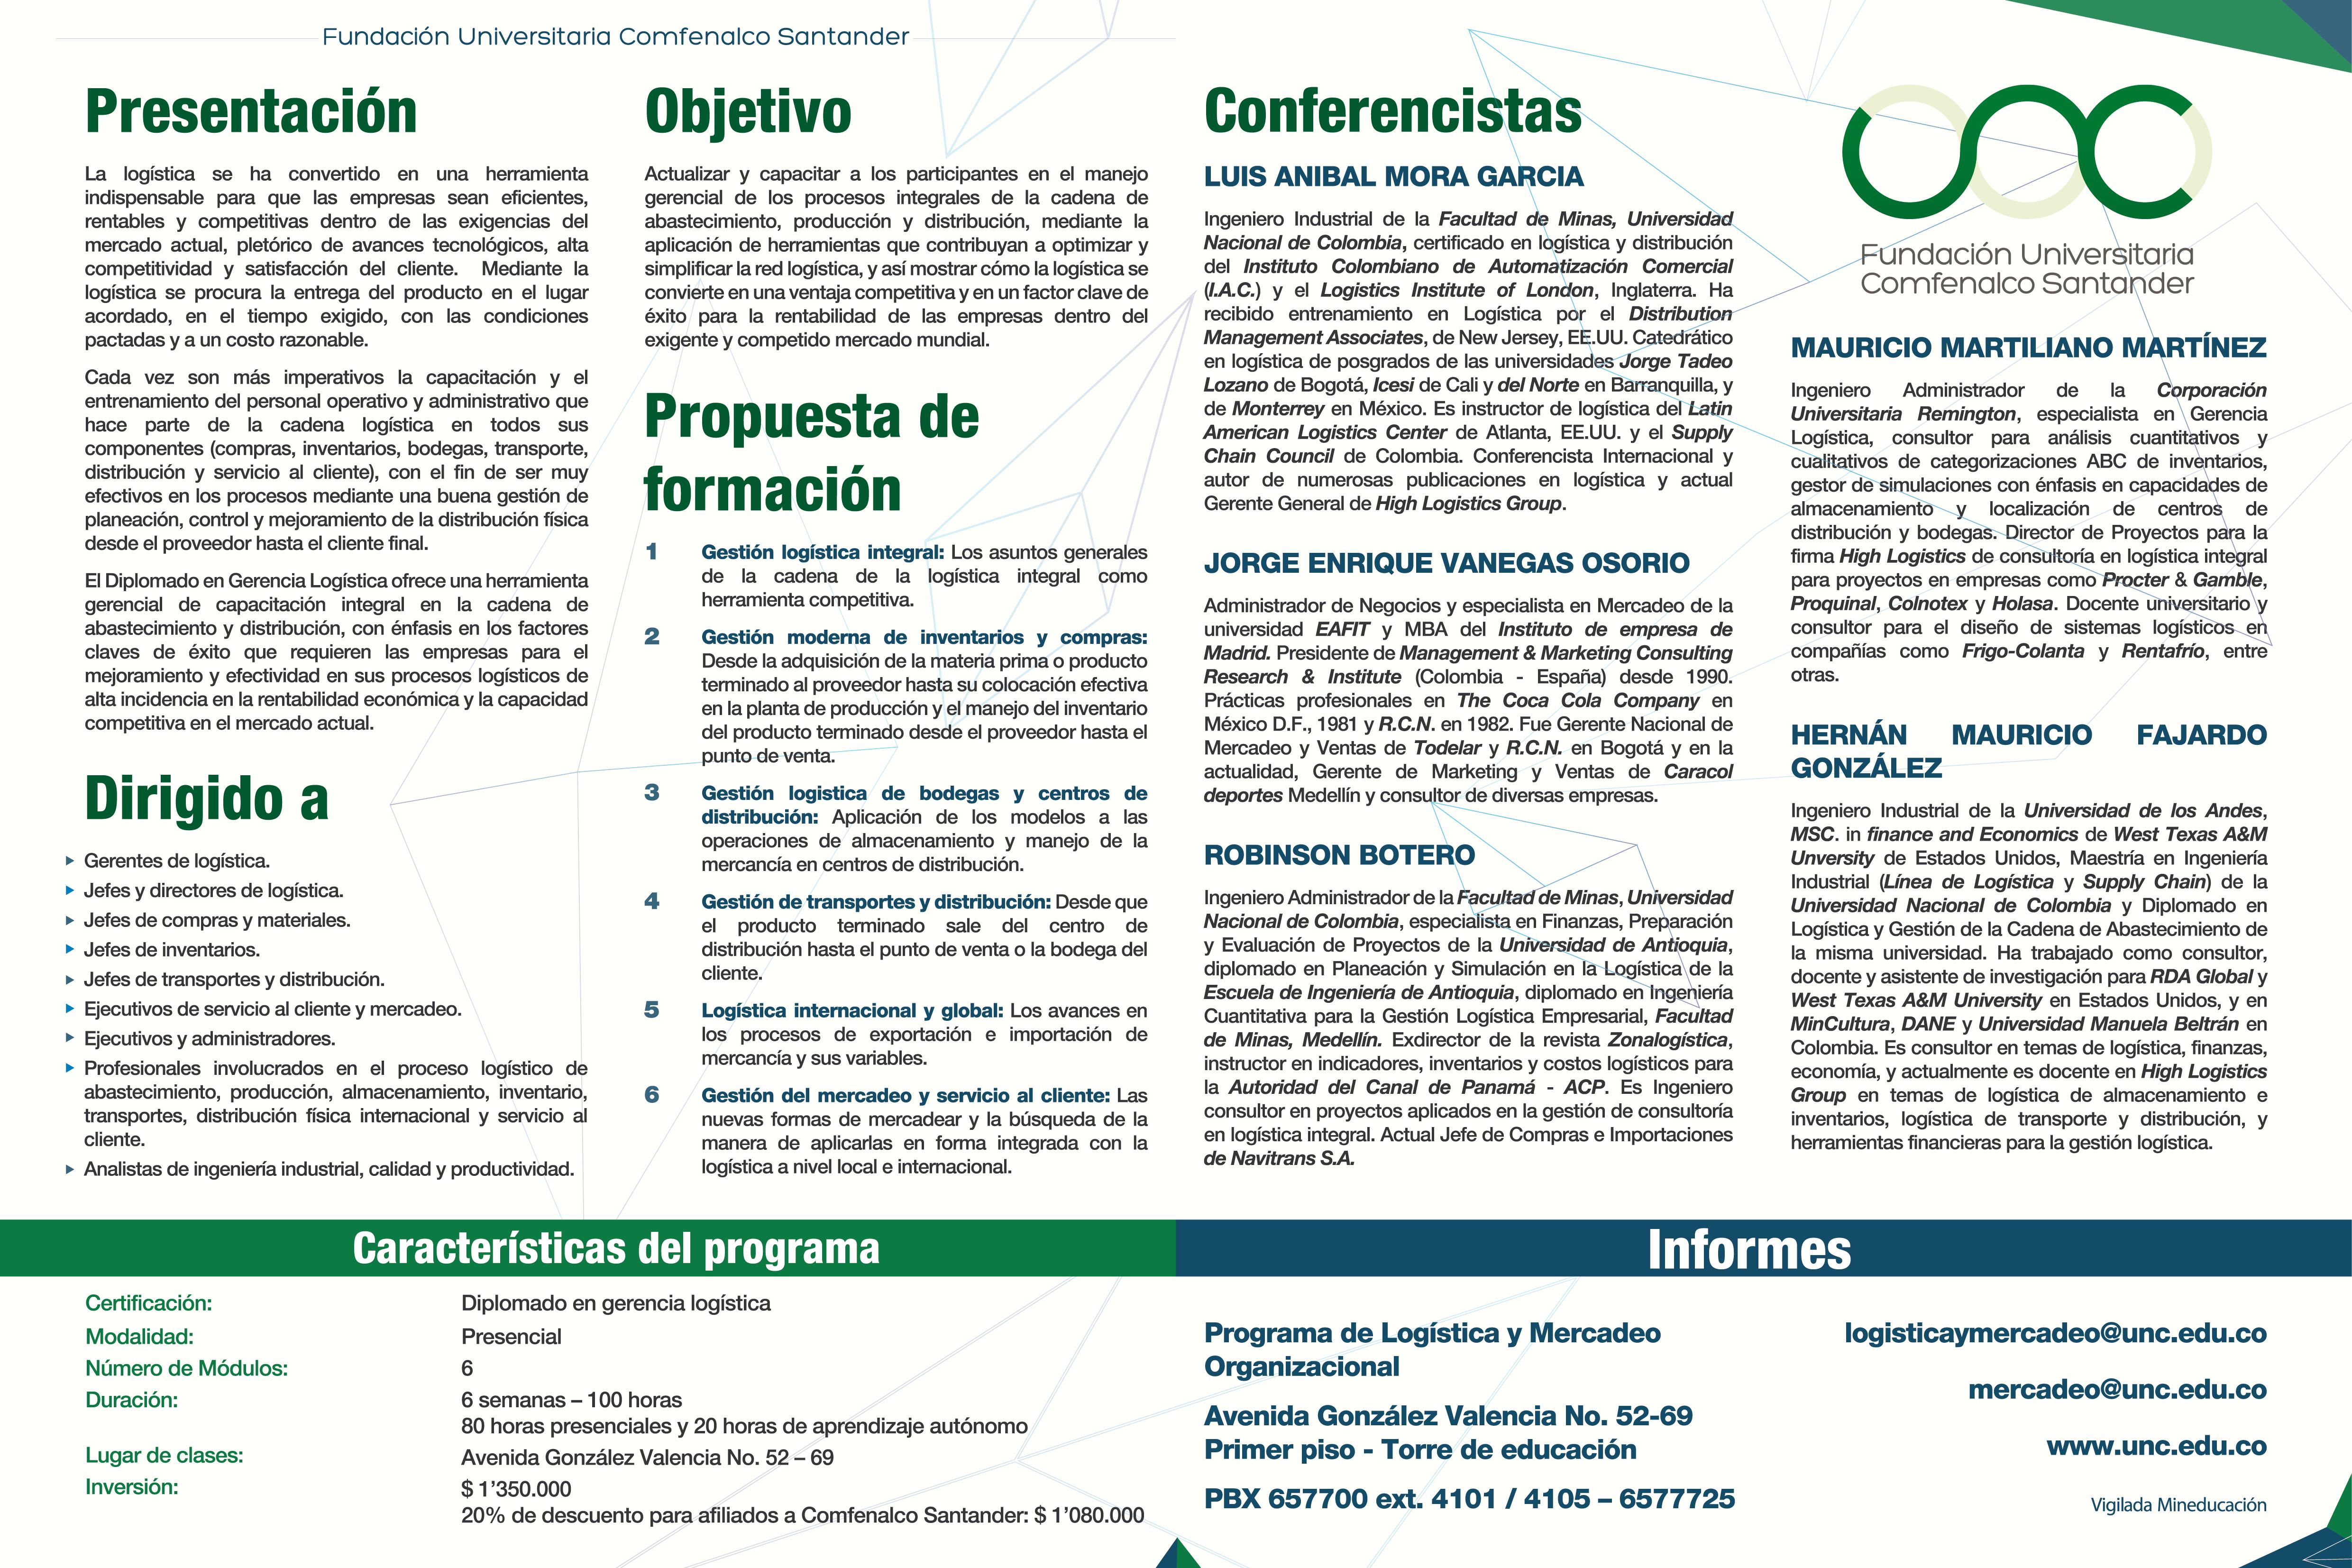 Fundación Universitaria Comfenalco Santander